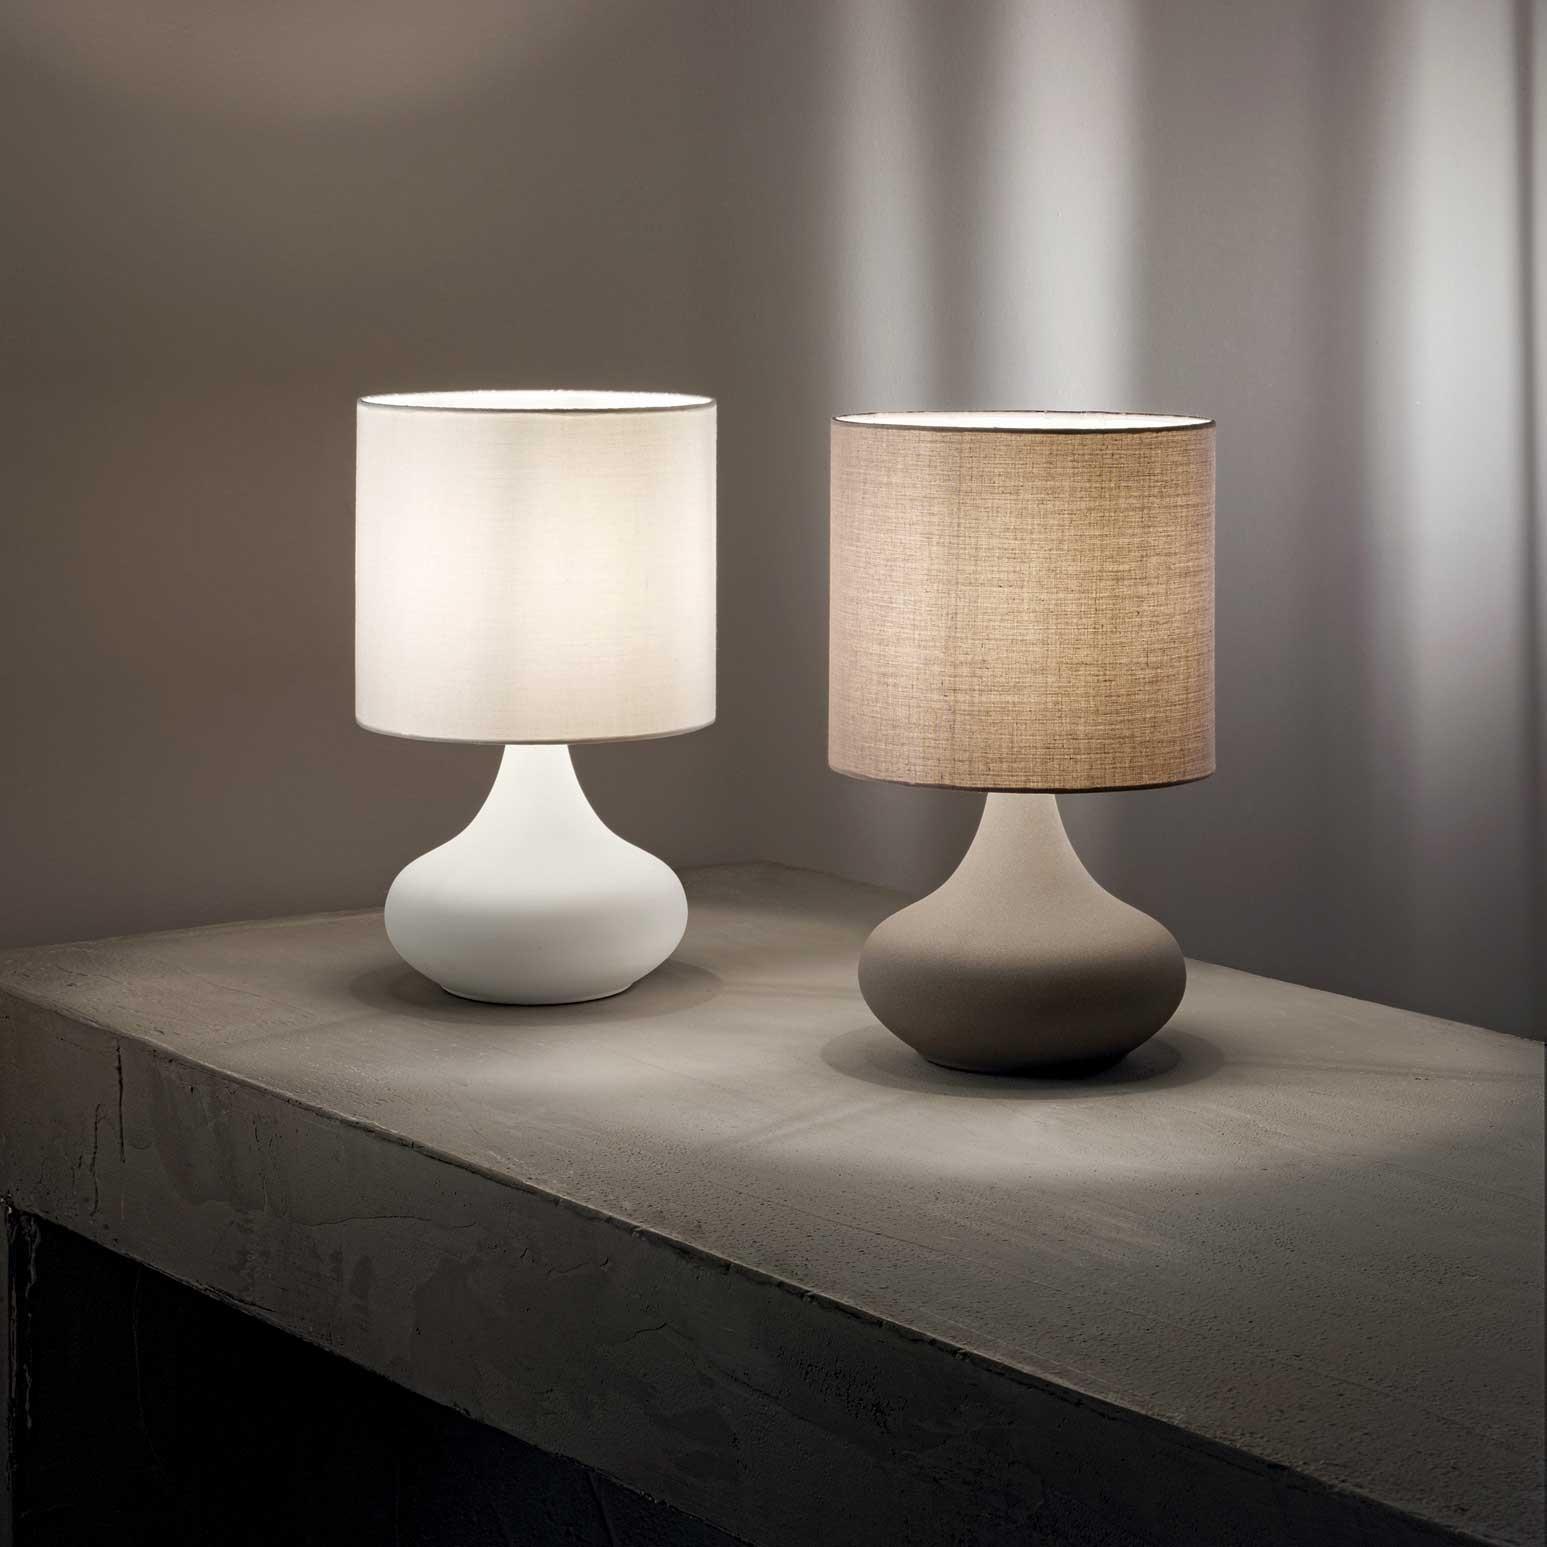 Perenz Lampada Da Tavolo In Metallo Con Paralume In Stoffa Dal Design Moderno